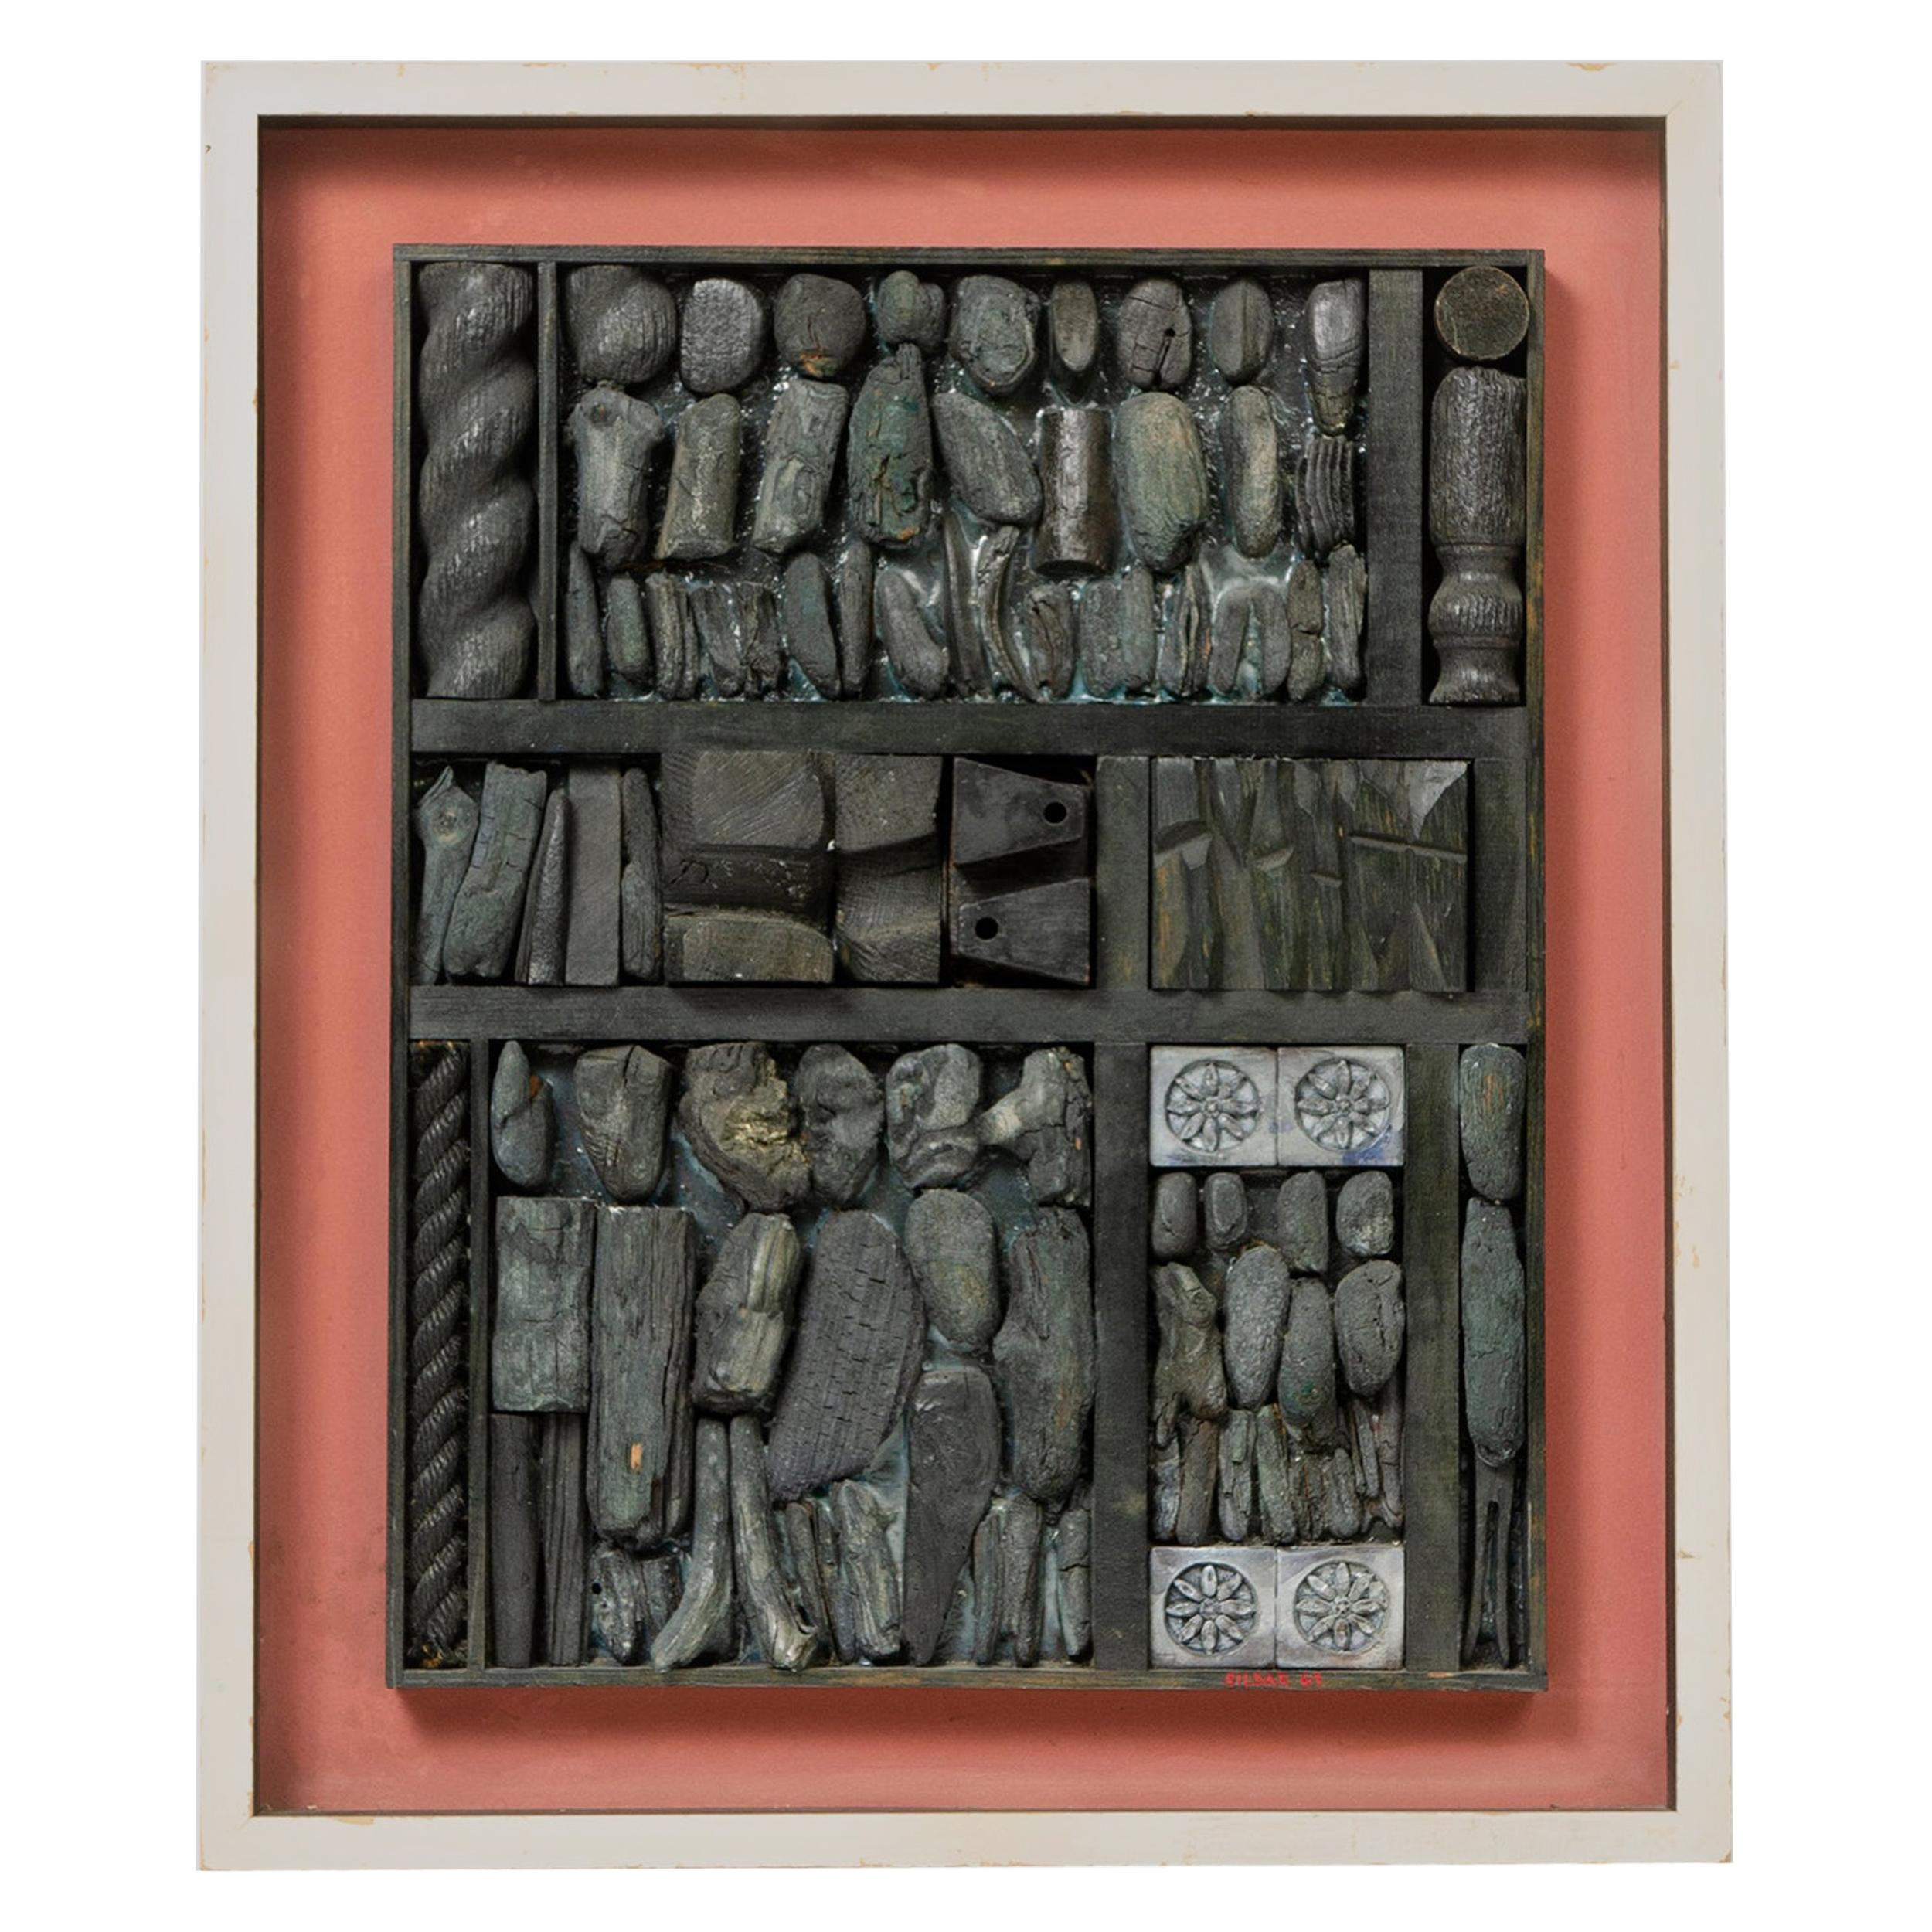 1960s Sculptural Collage by William Sildar